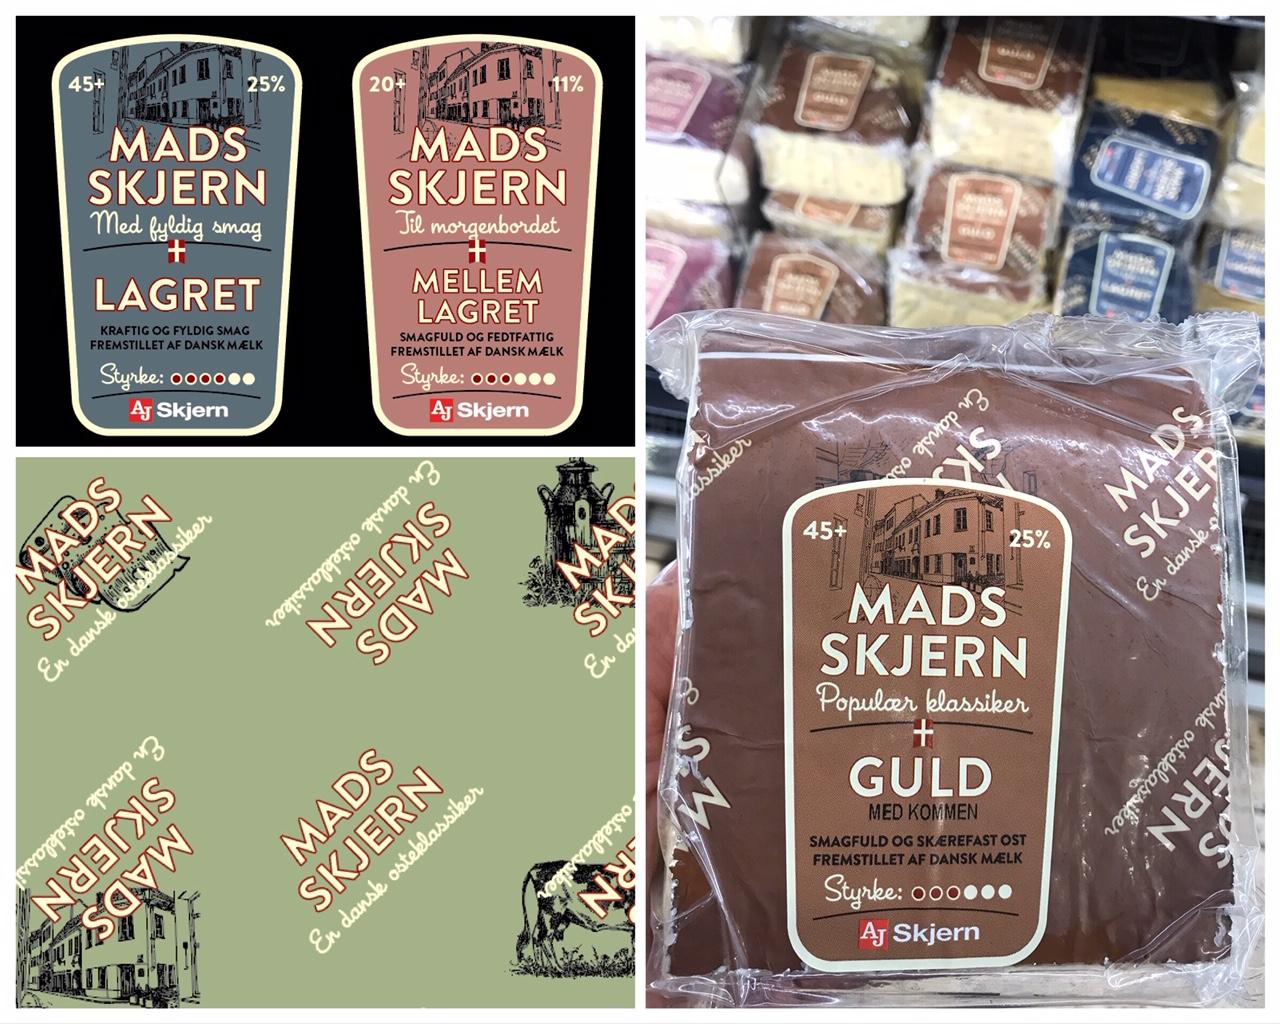 Emballagedesign_madsskjern_packdesign